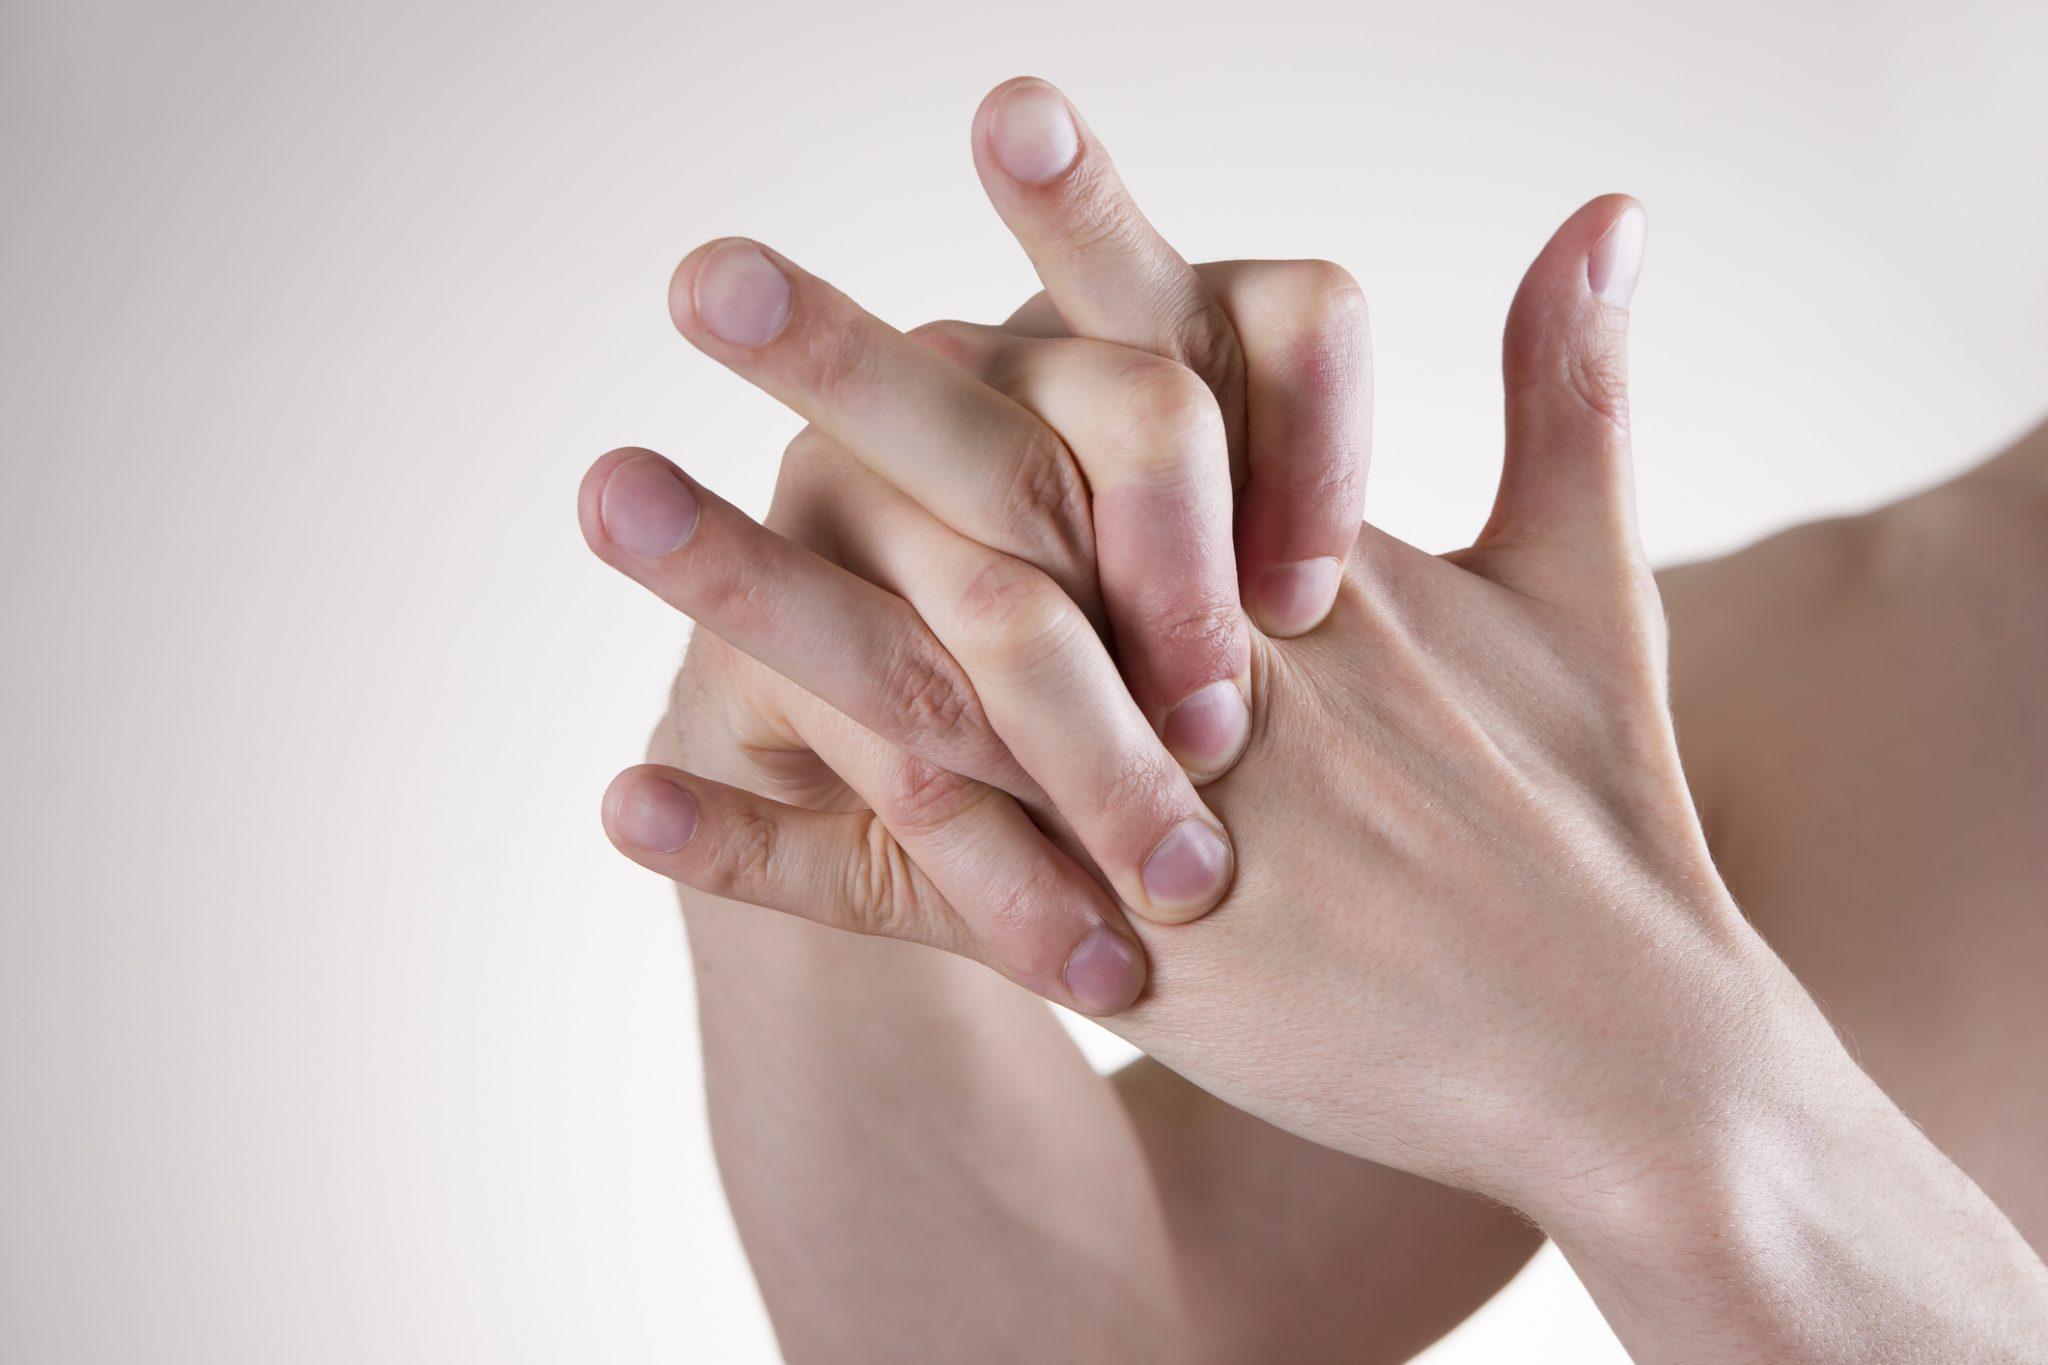 Руки трескаются чем мазать